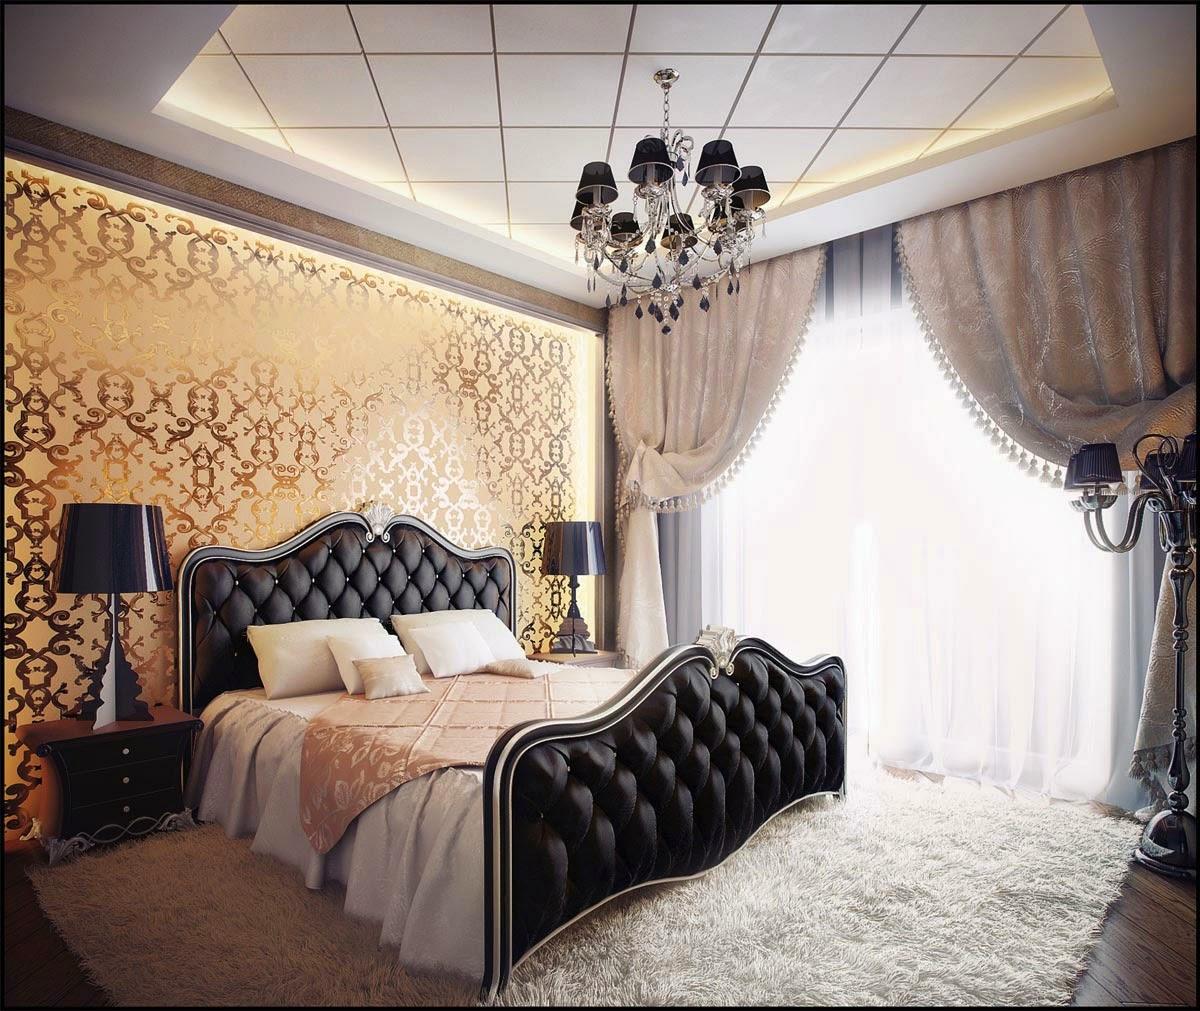 Chambre Romantique Moderne | Chambre Romantique Moderne Routeur Hadopi